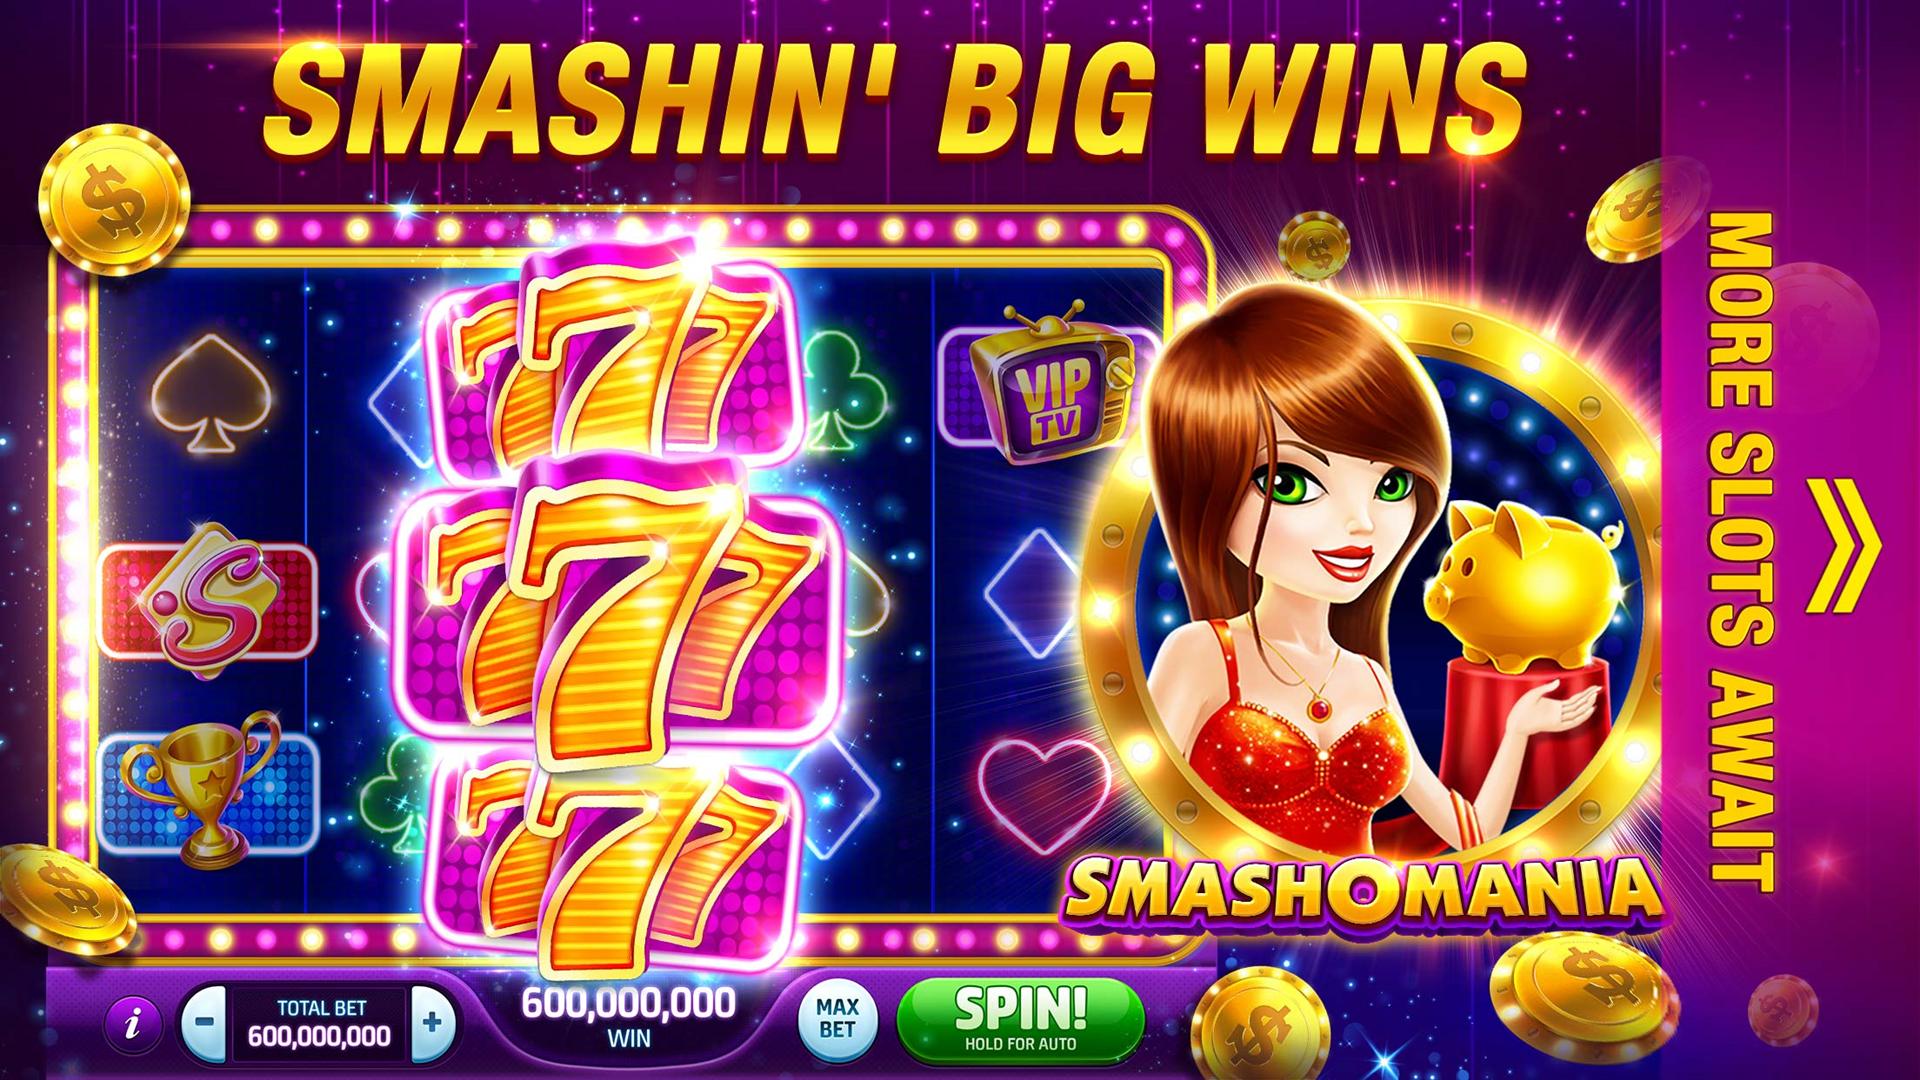 Slotomania Free Slots Casino Games - Play Las Vegas Slot ...